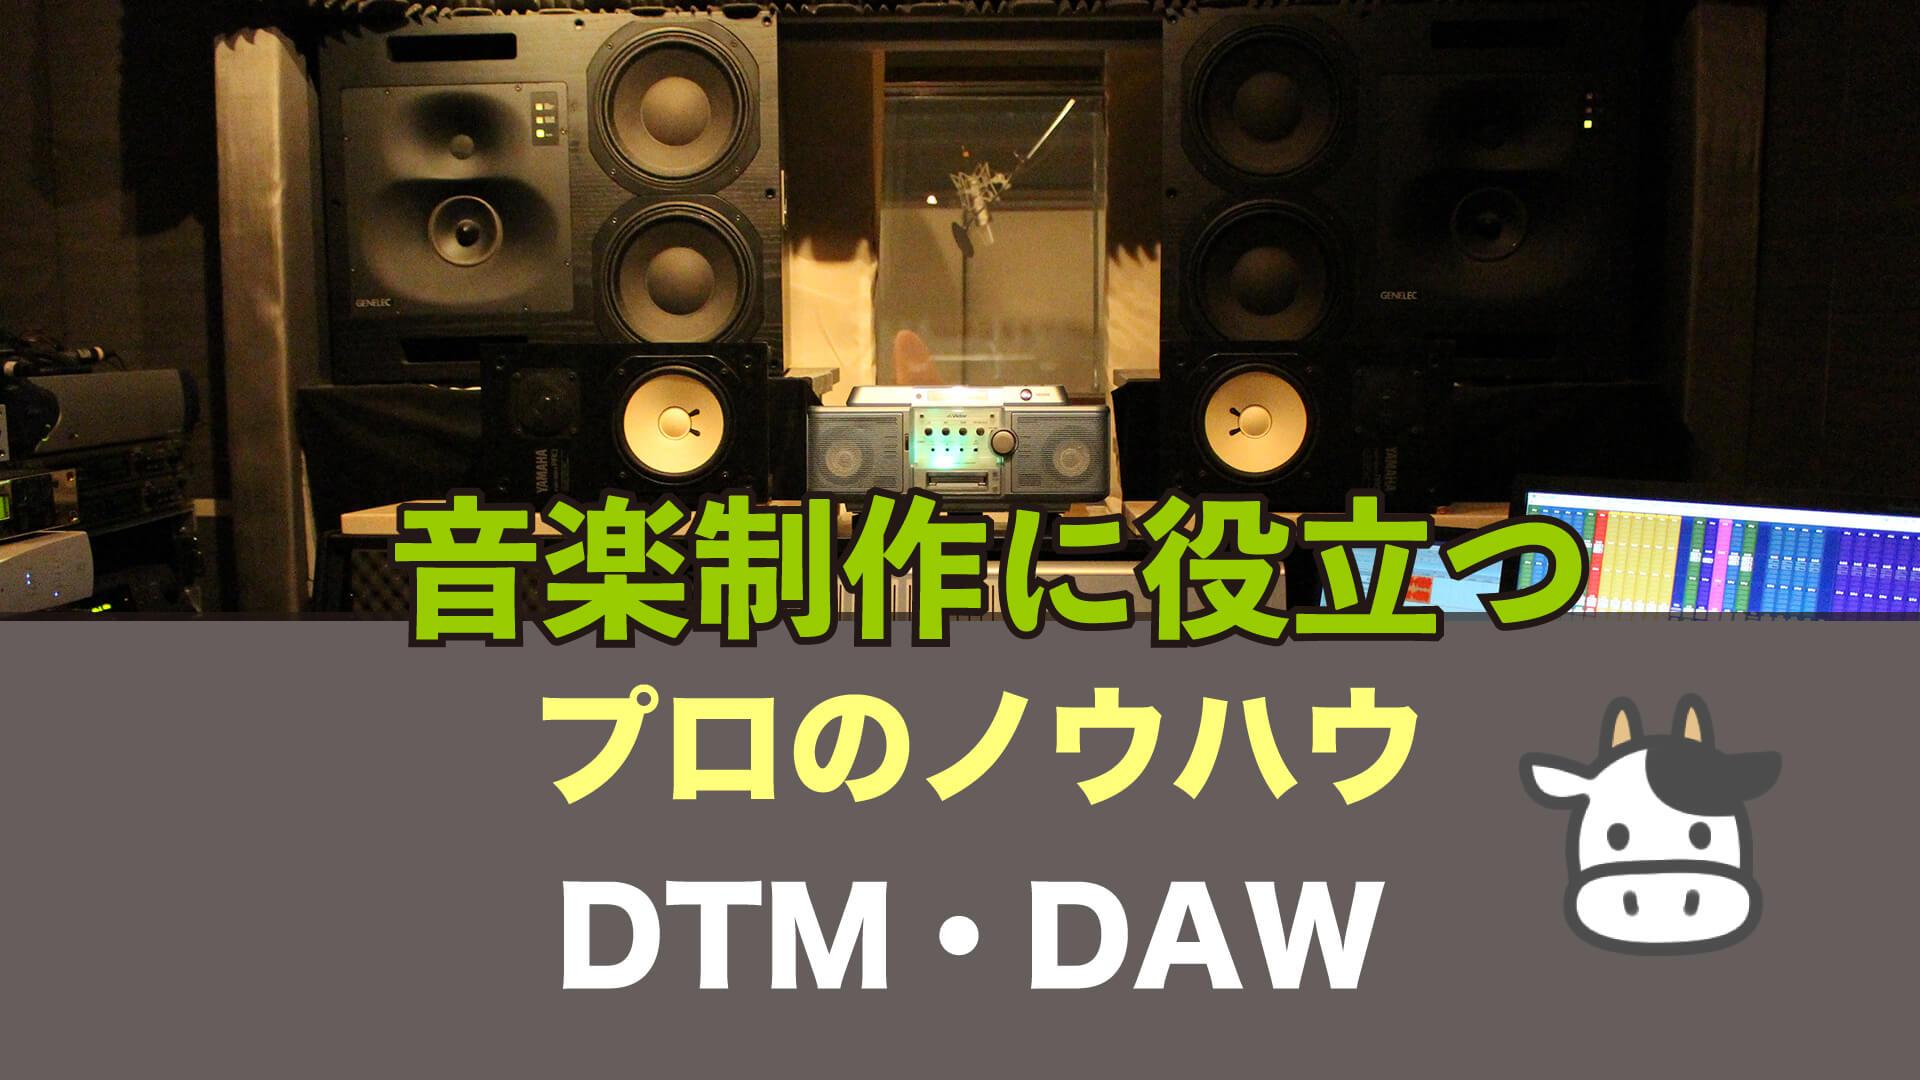 作曲・編曲・DTM・DAWなど音楽制作プロのノウハウ